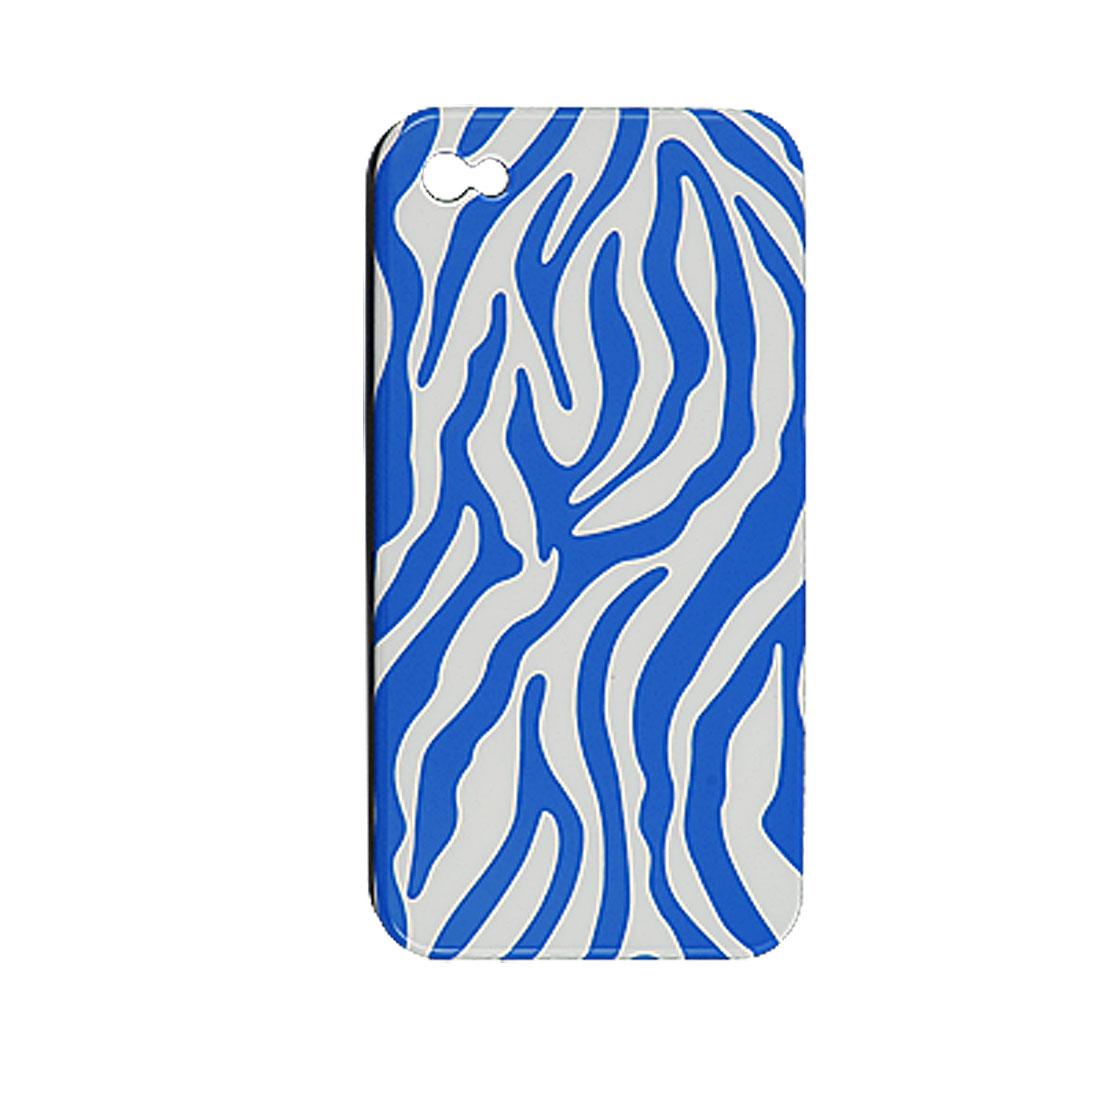 Blue White Zebra Design Plastic Shell Bakc Case for iPhone 4 4G